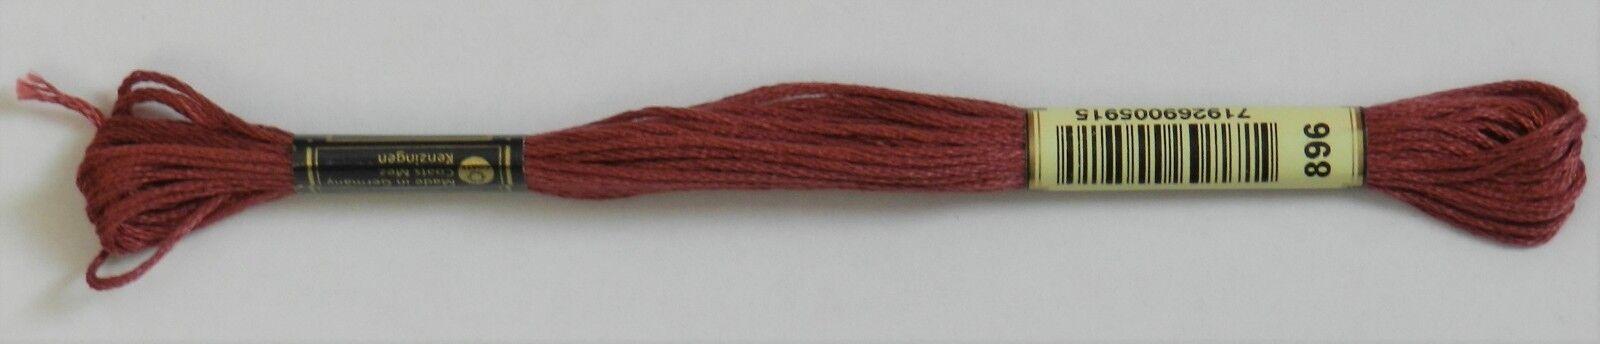 Anchor Sticktwist 6fädig 8 m 100 /% BW brombeere 896